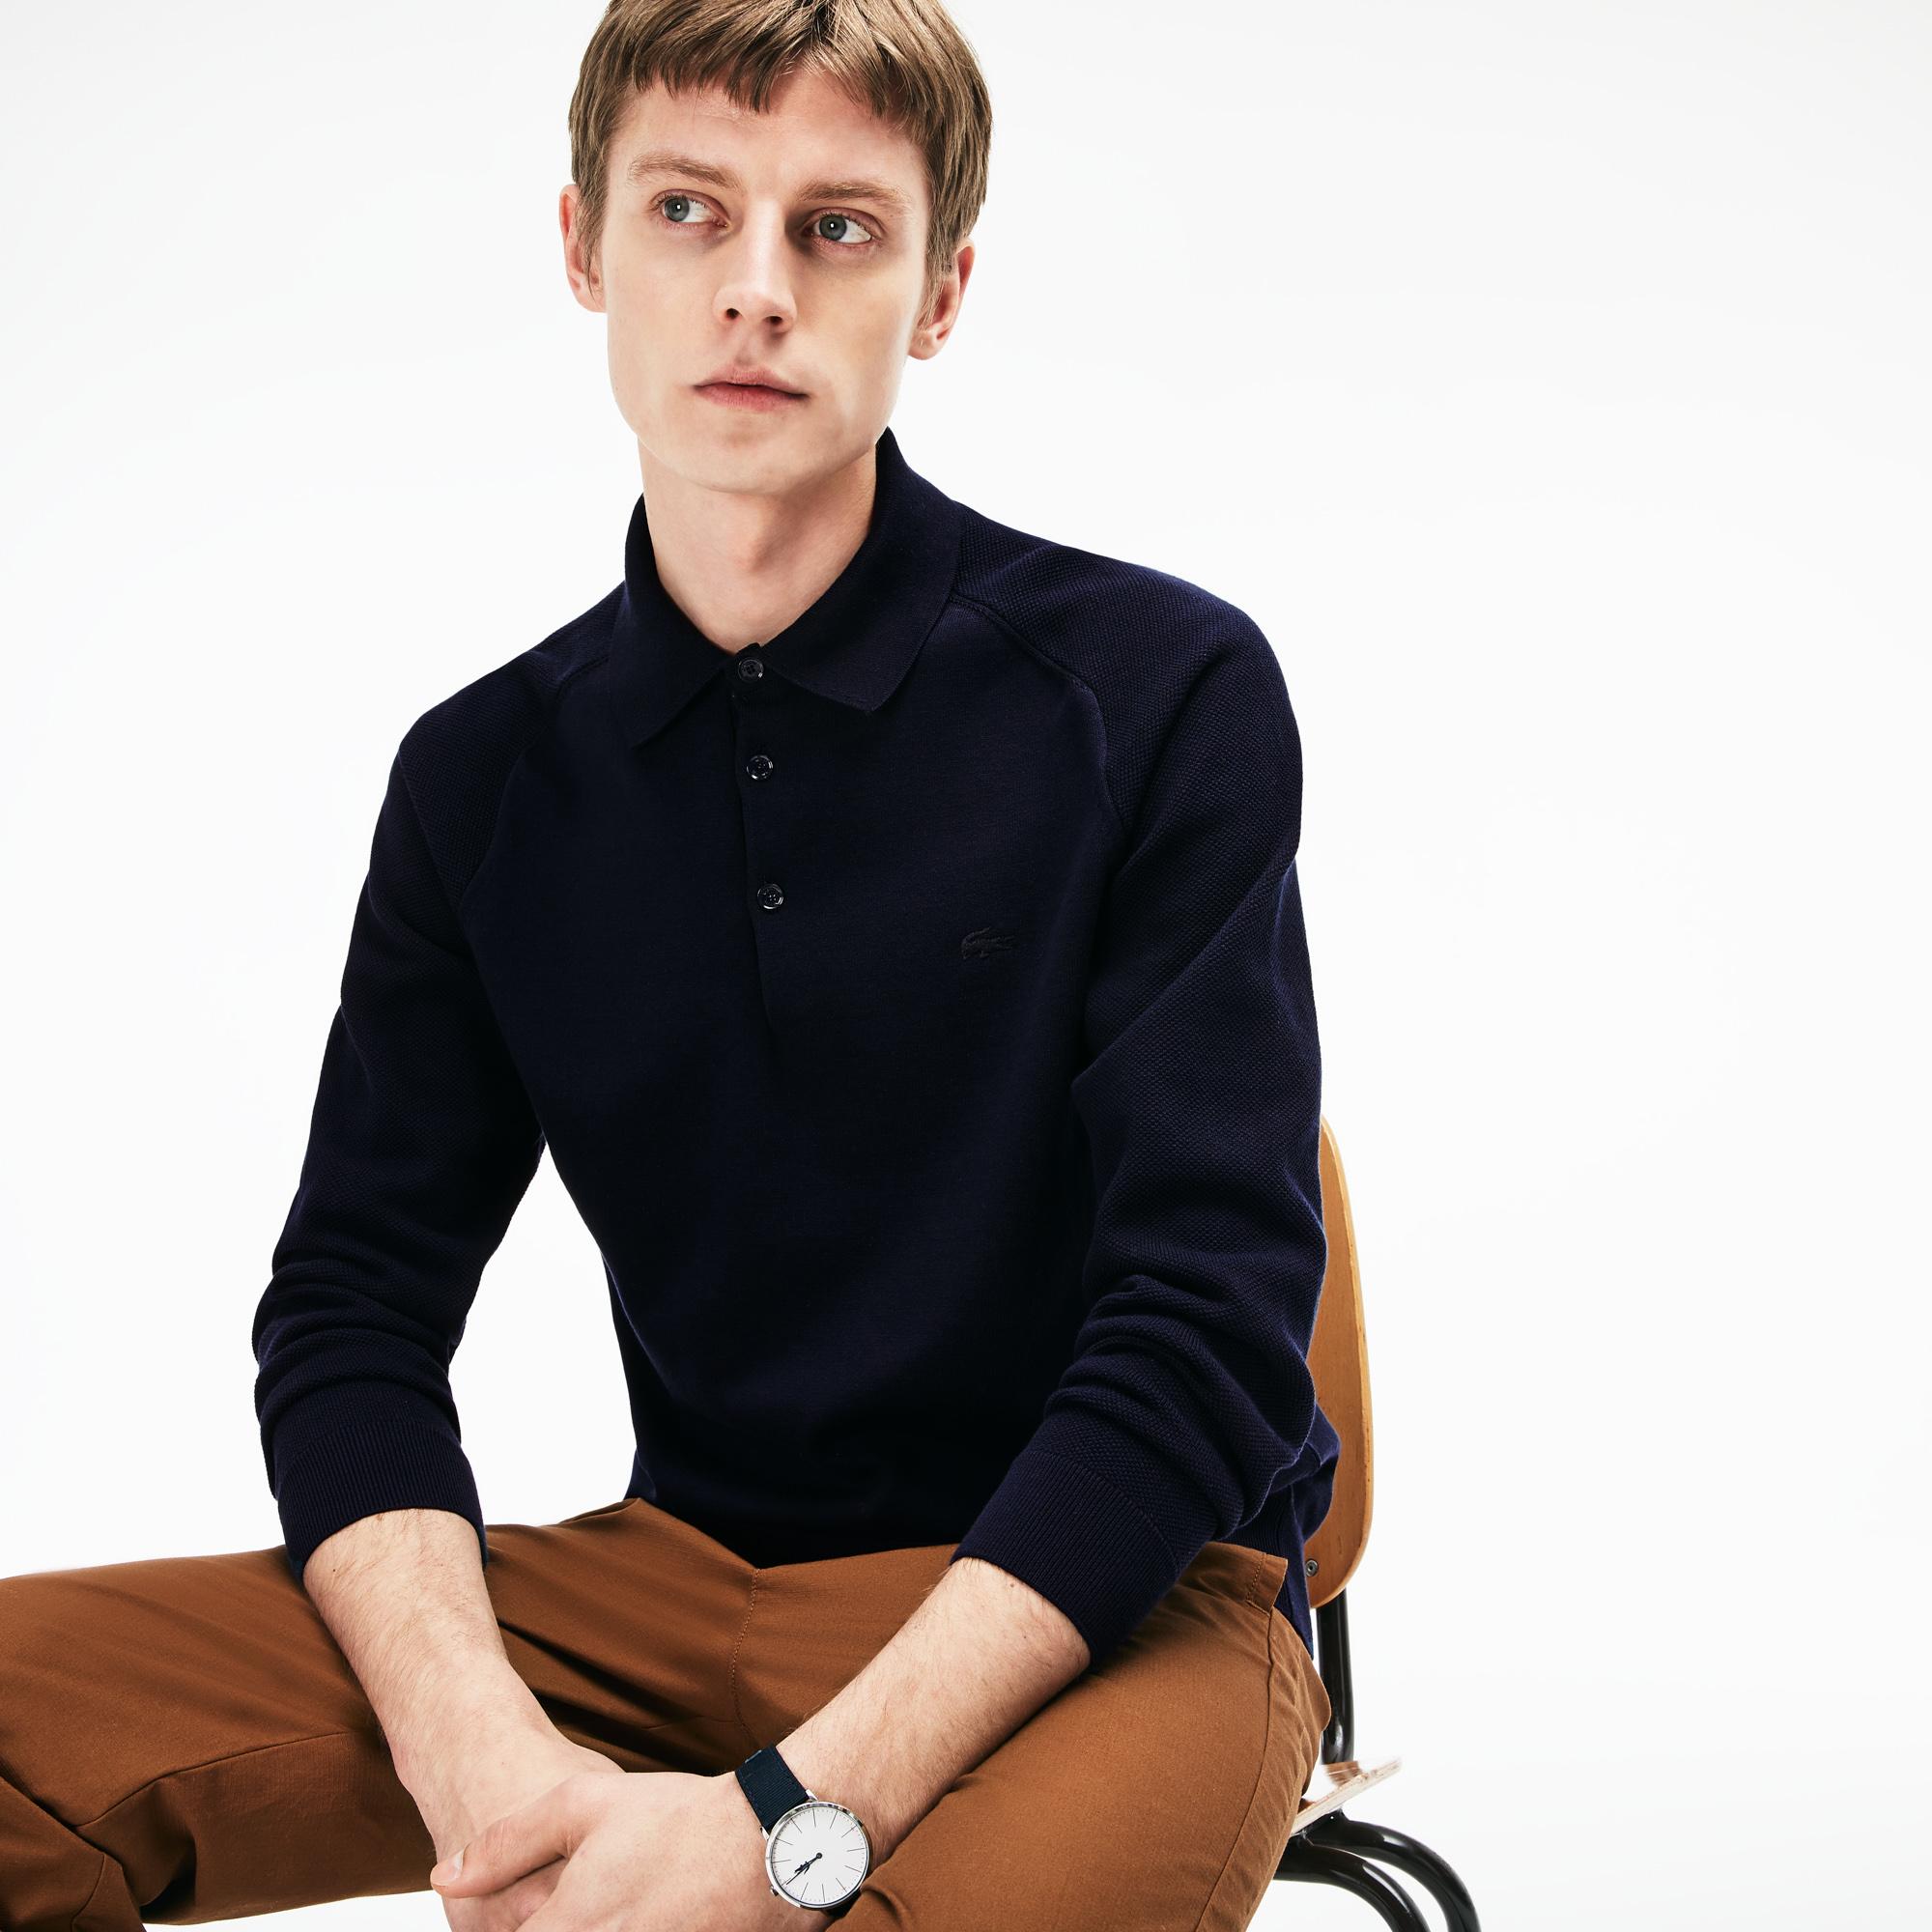 Свитер LacosteСвитеры<br>Детали: стильный мужской свитер с пуговицами  \ Материал: 75% хлопок 25% полиэстер \ Страна производства: Португалия